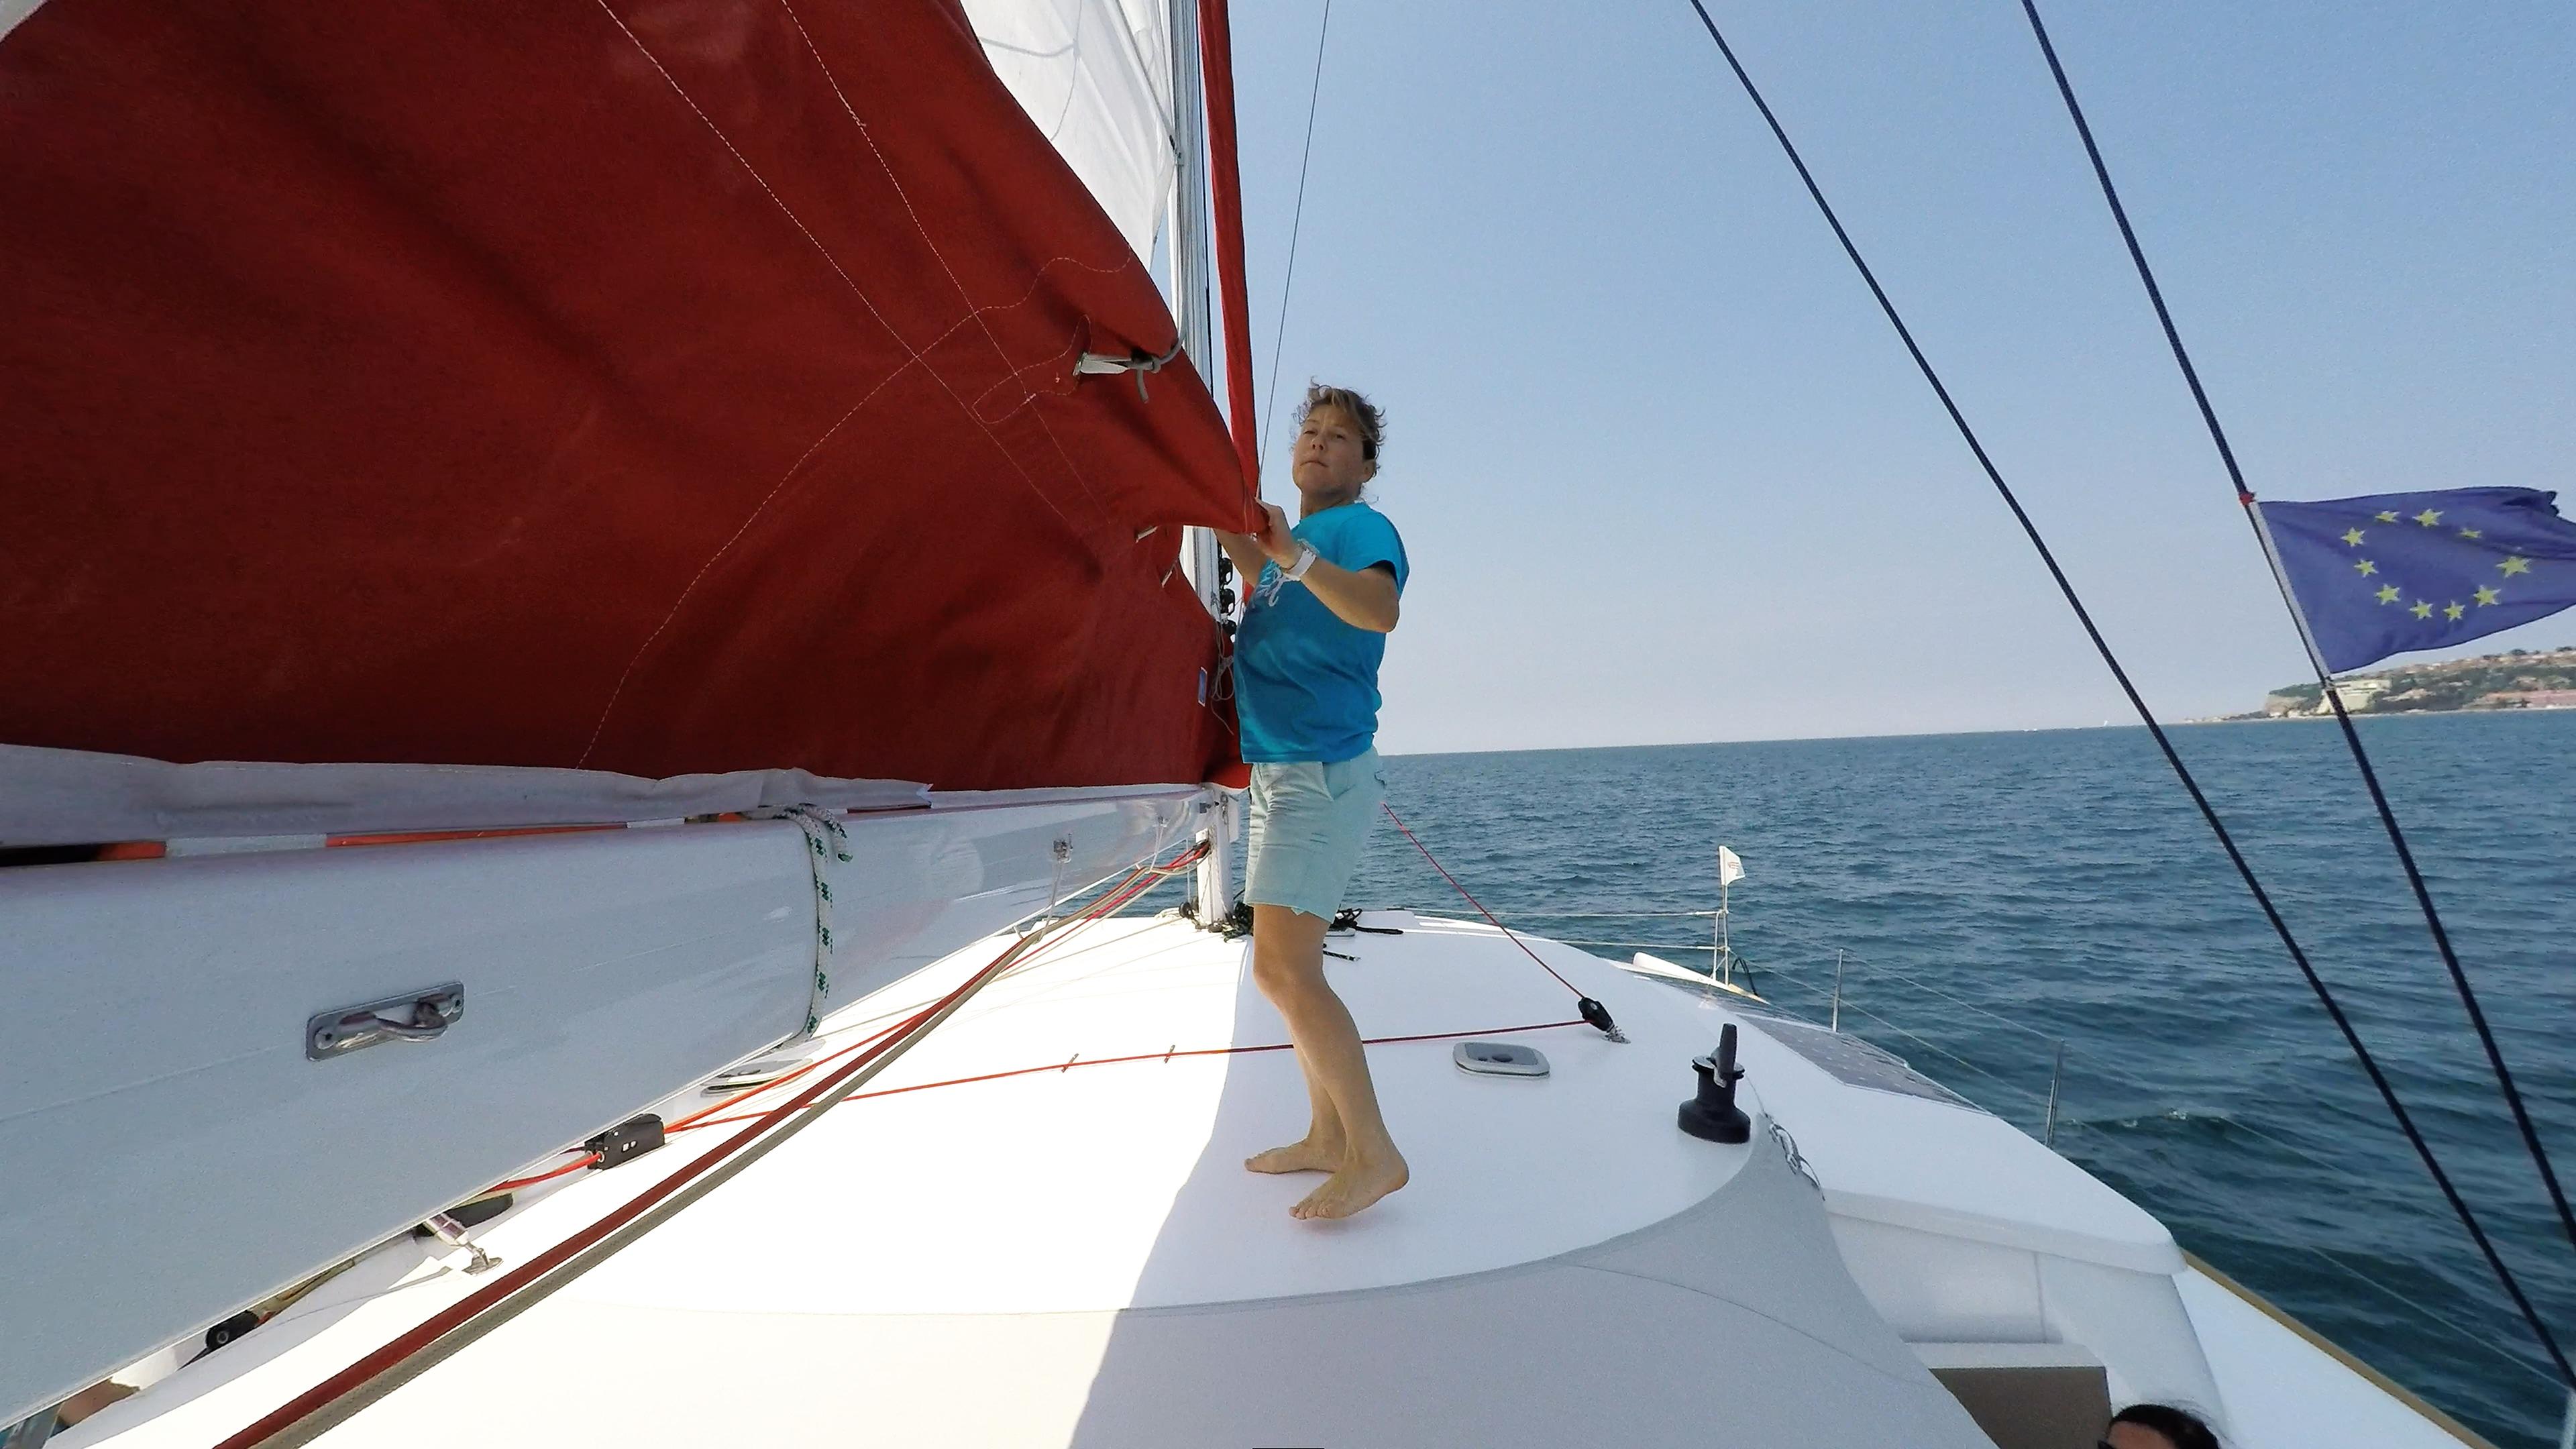 ragazza solleva randa barca a vela